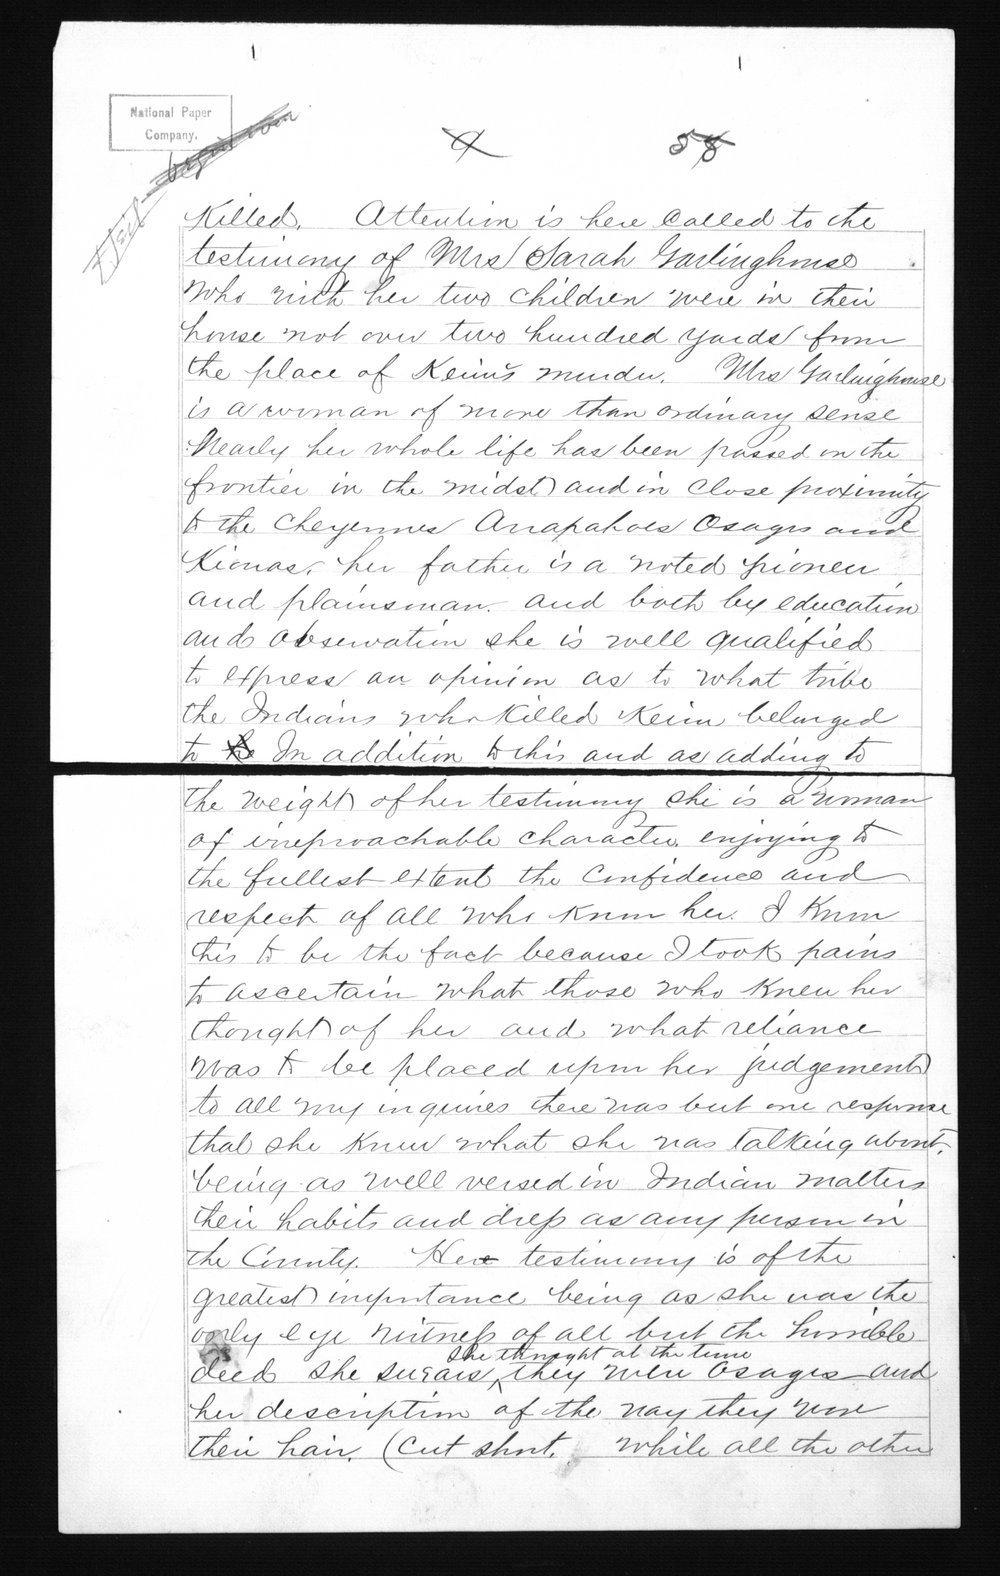 Captain Lewis Hanback's final report - 55